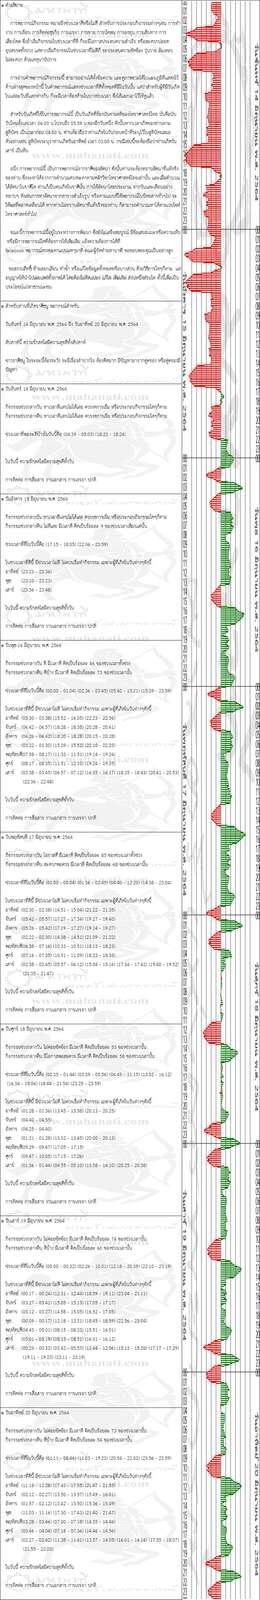 quf52t43h7WHHINr71dh-o.jpg